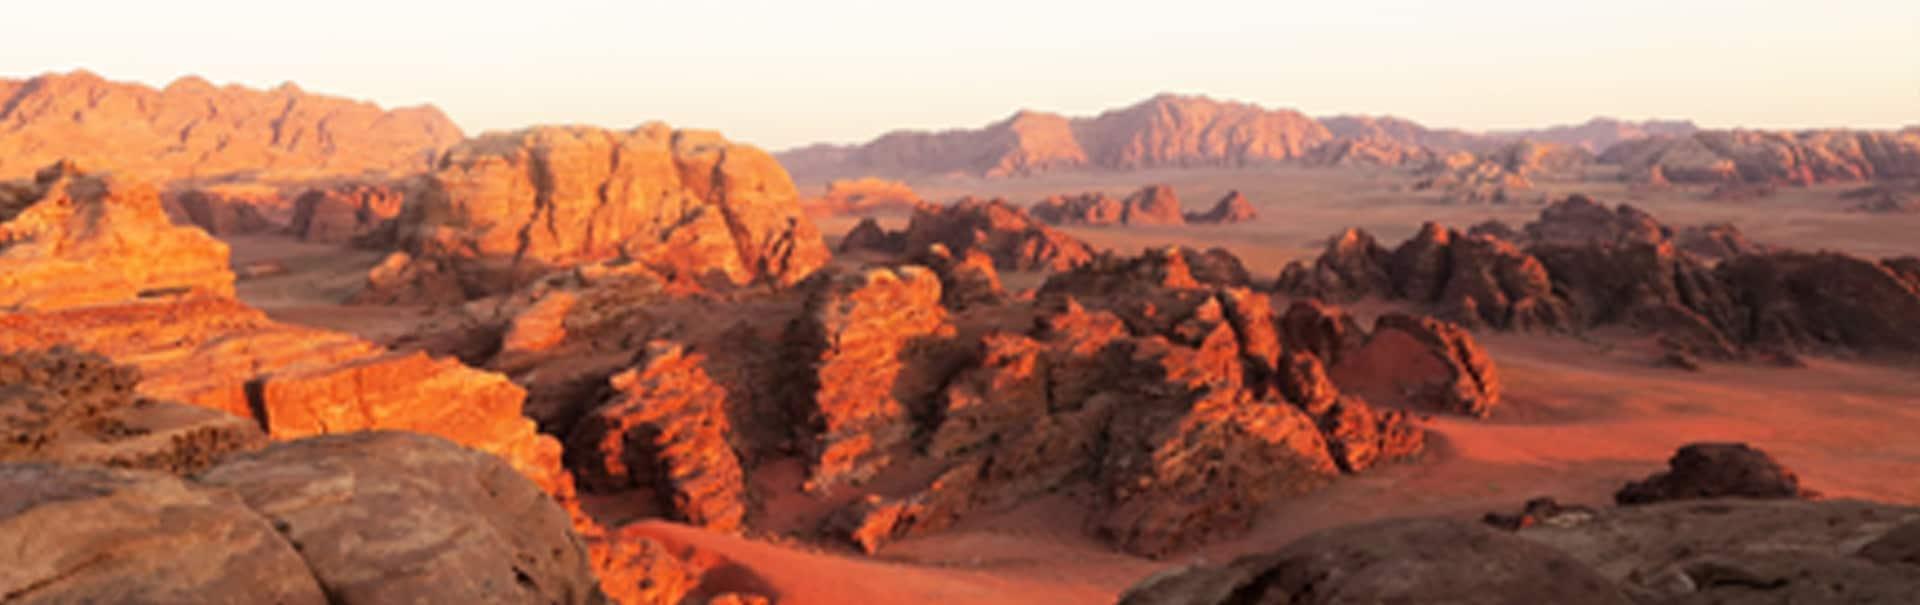 Honeymoon in Jordan (SHJR8) Banner